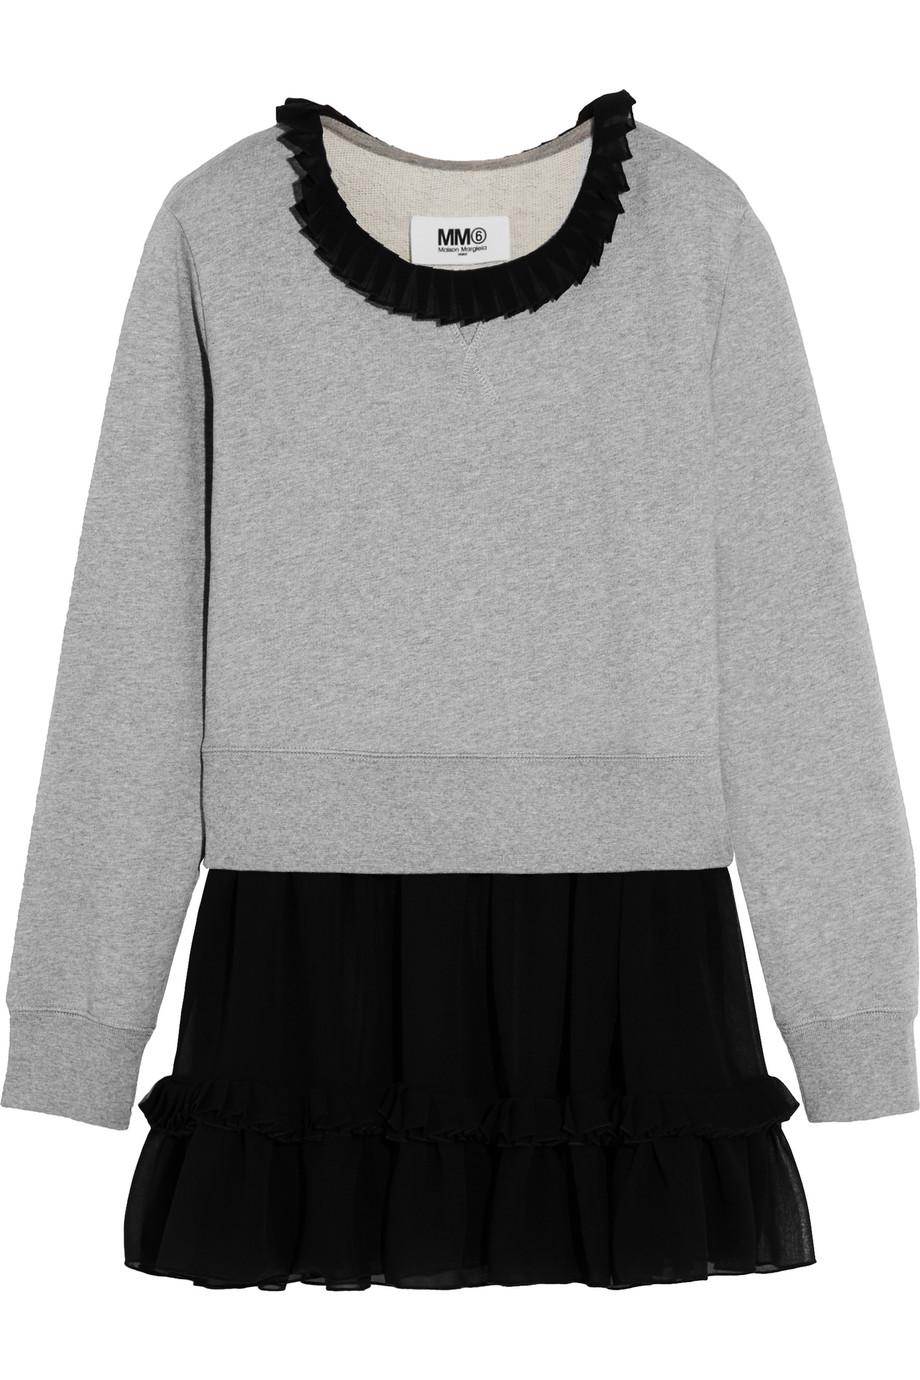 Ruffled Chiffon-Trimmed Cotton-Jersey Sweater, MM6 Maison Margiela, Gray, Women's, Size: XS